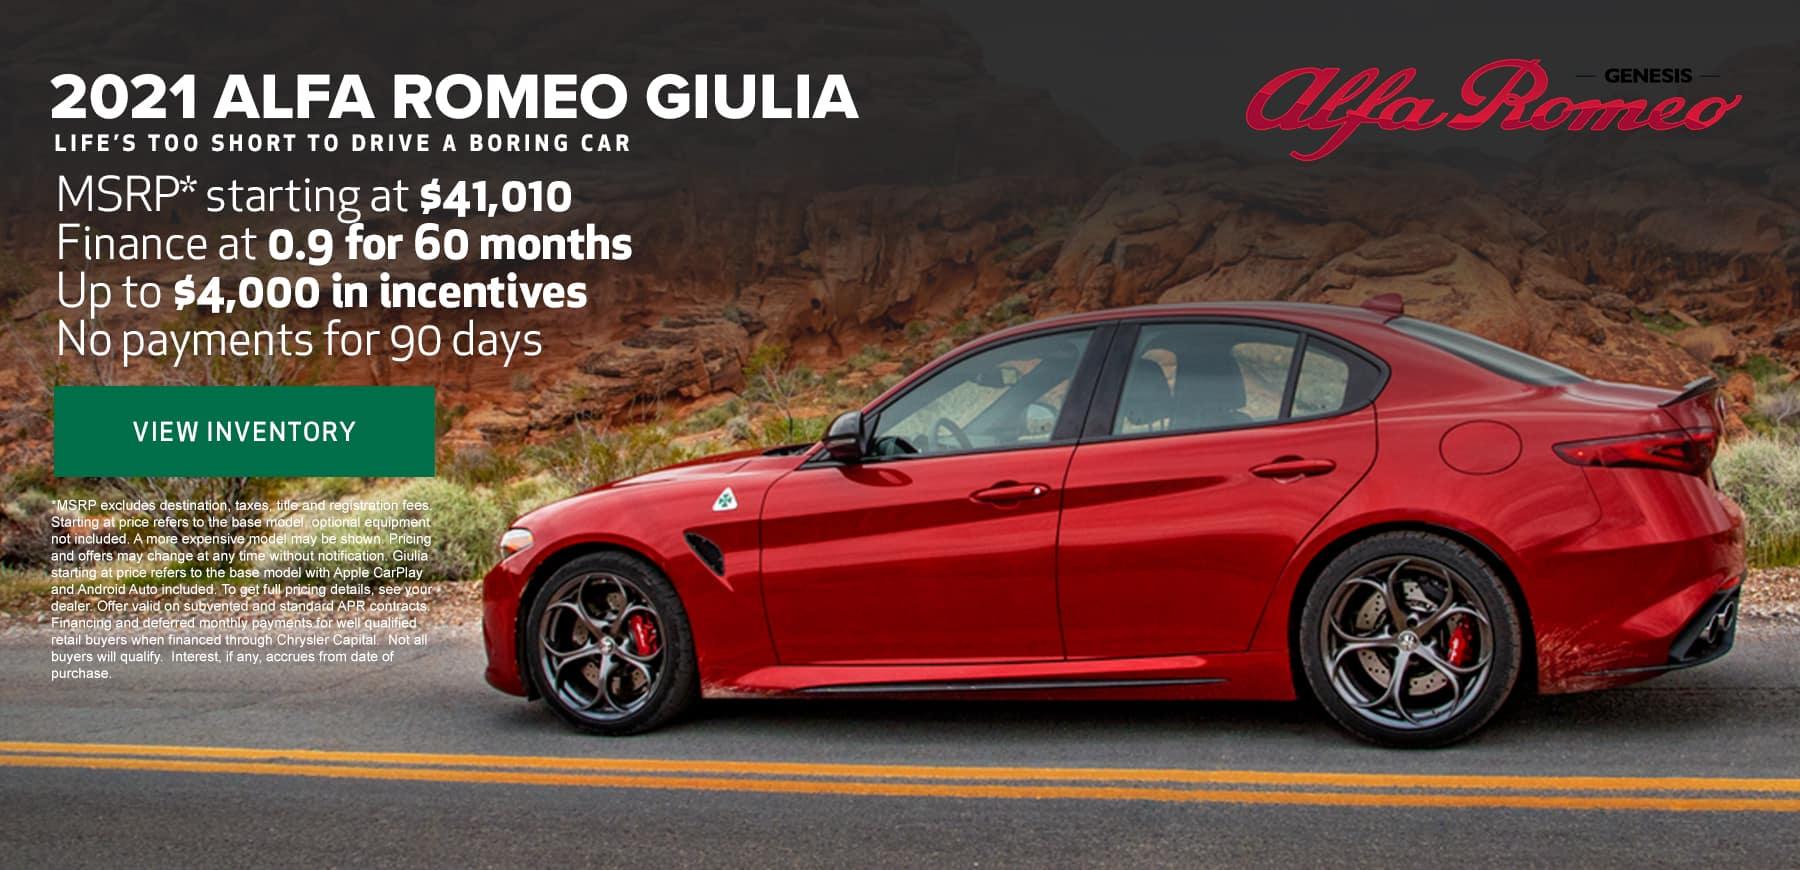 Genesis Alfa Romeo Giulia Deals